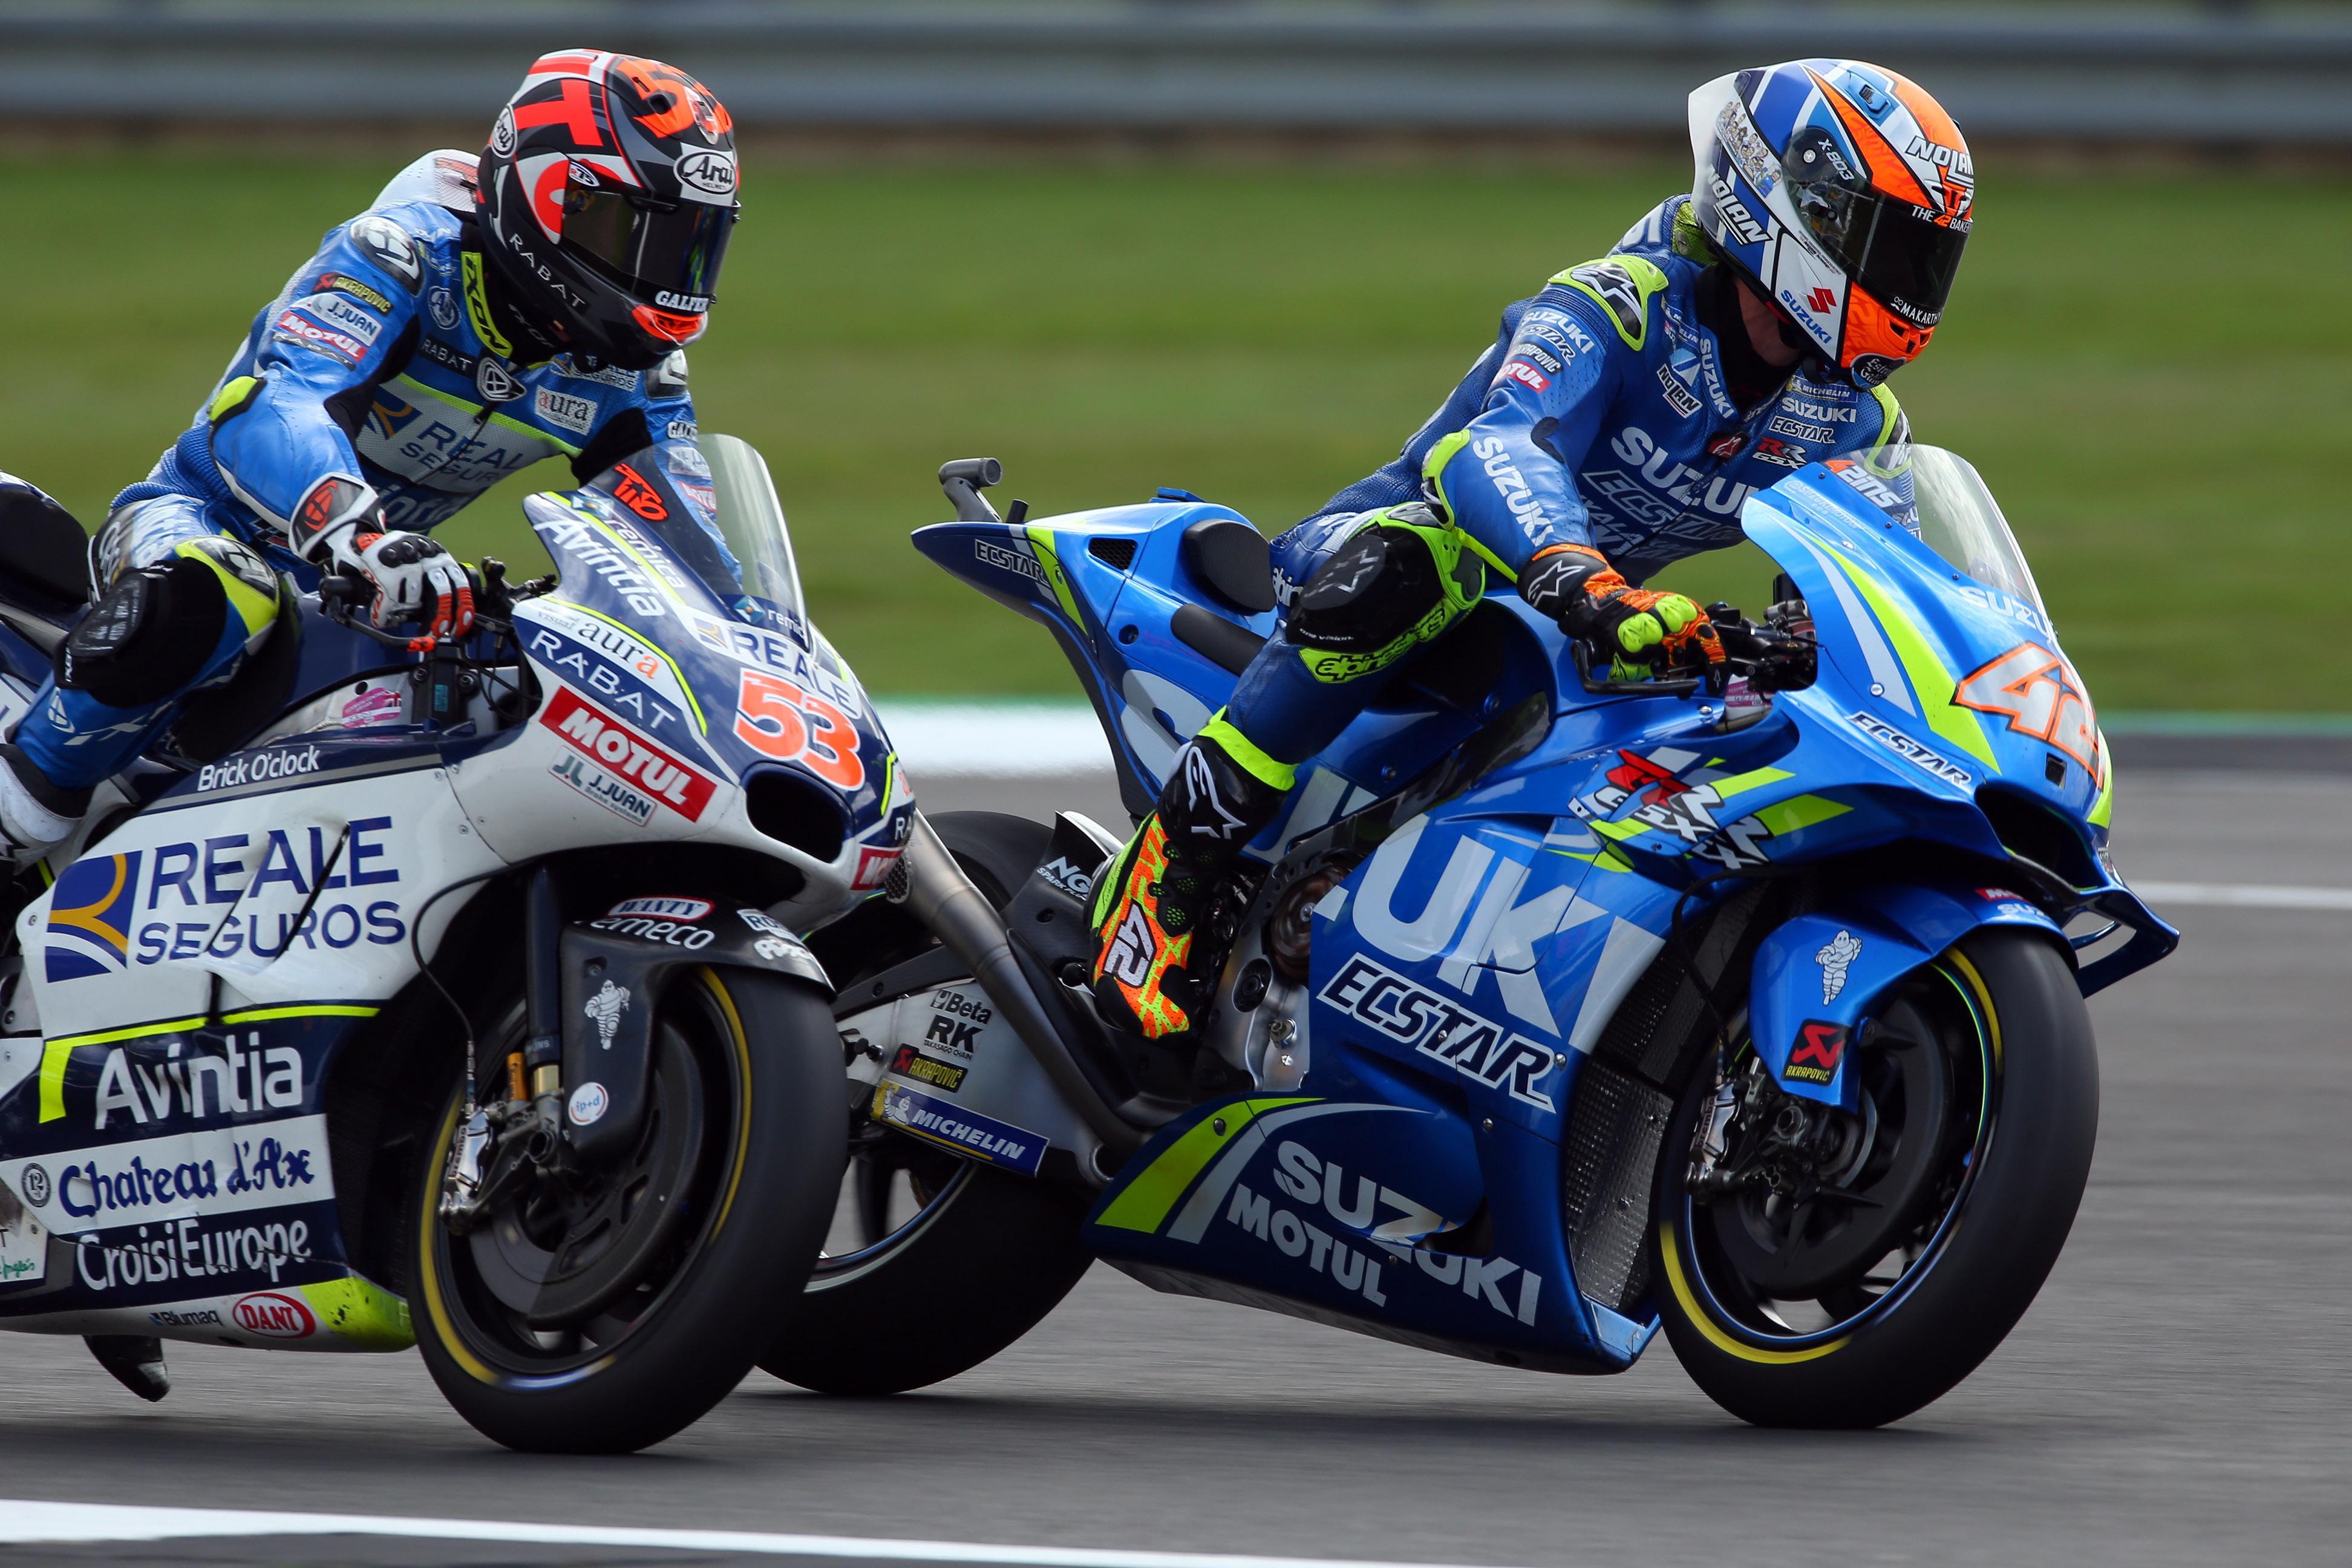 Suzuki rider Alex Rins witnessed the accident